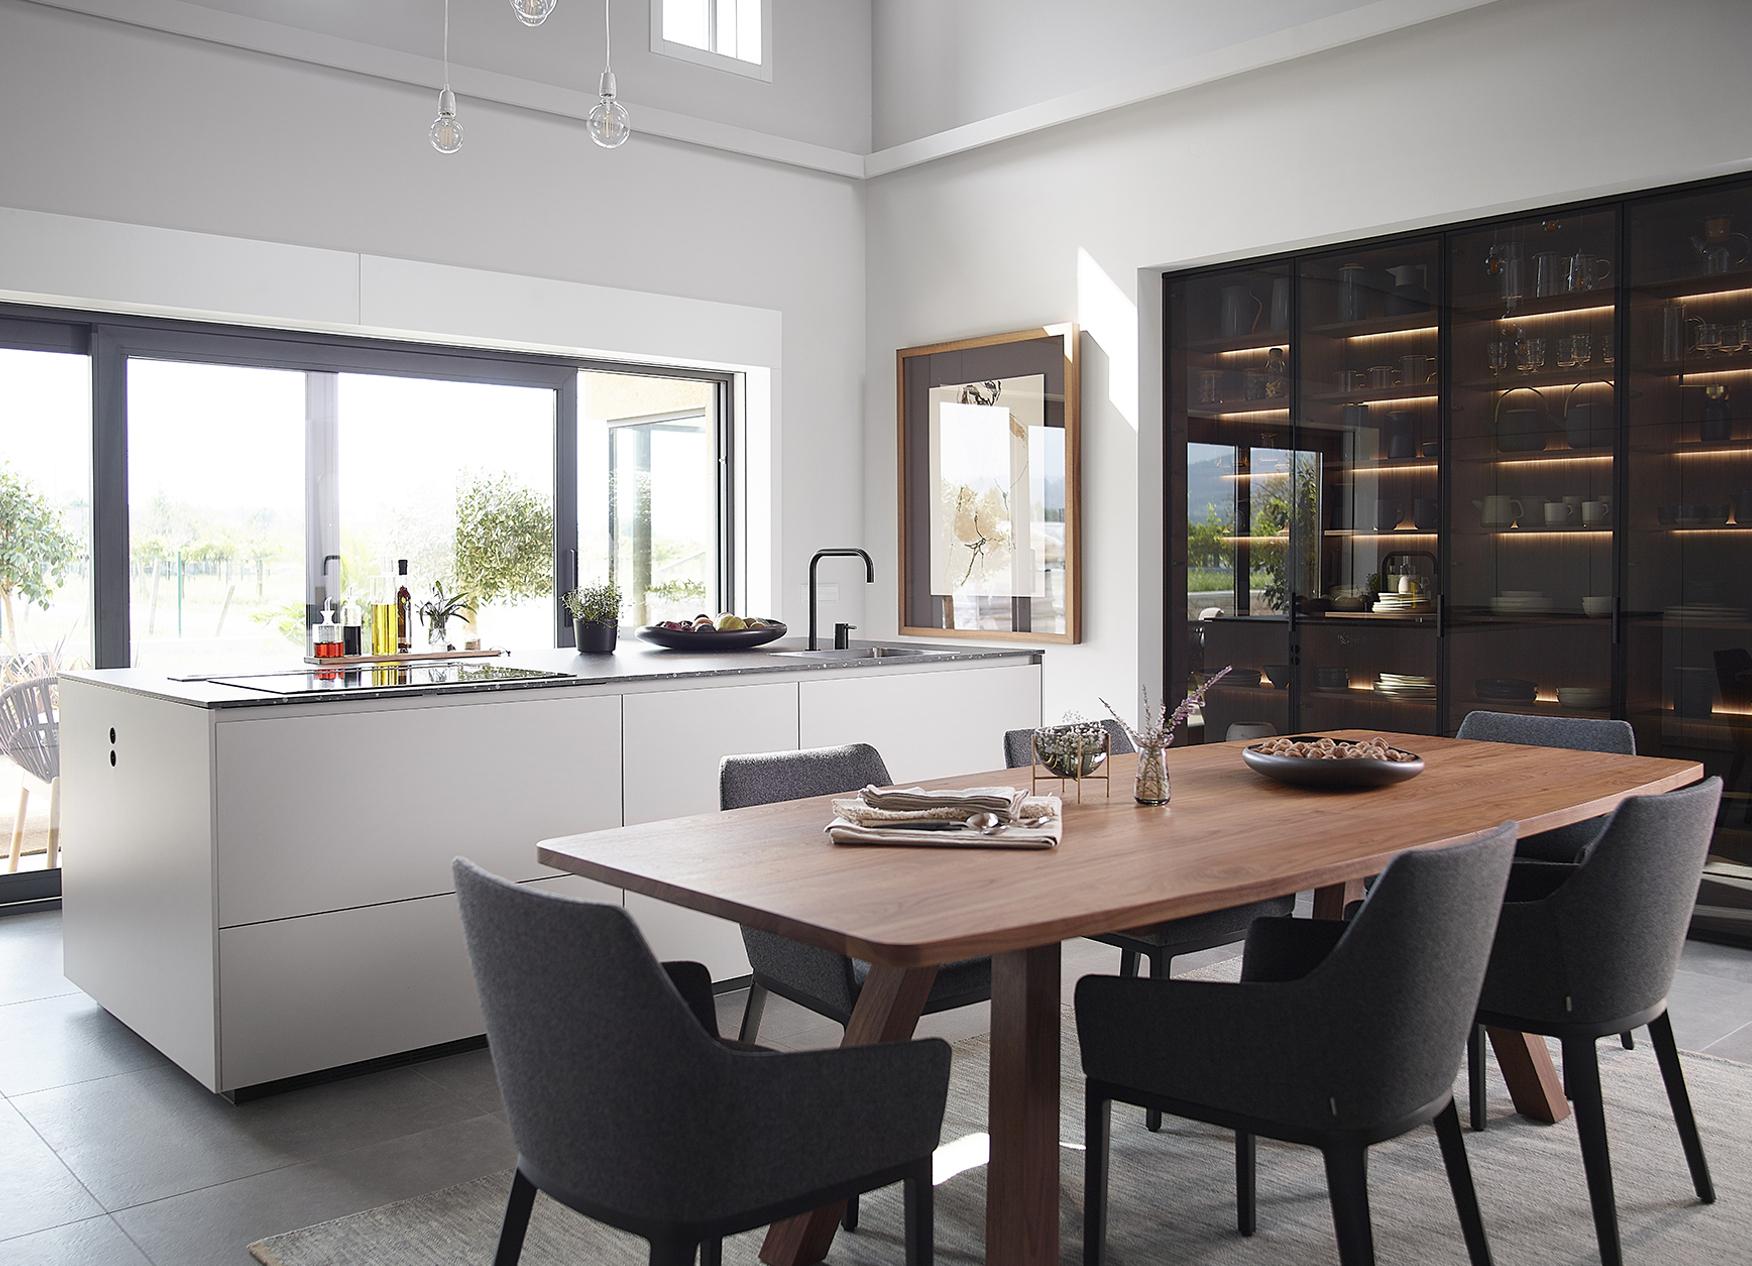 Cocinas en blanco, negro y madera Santos